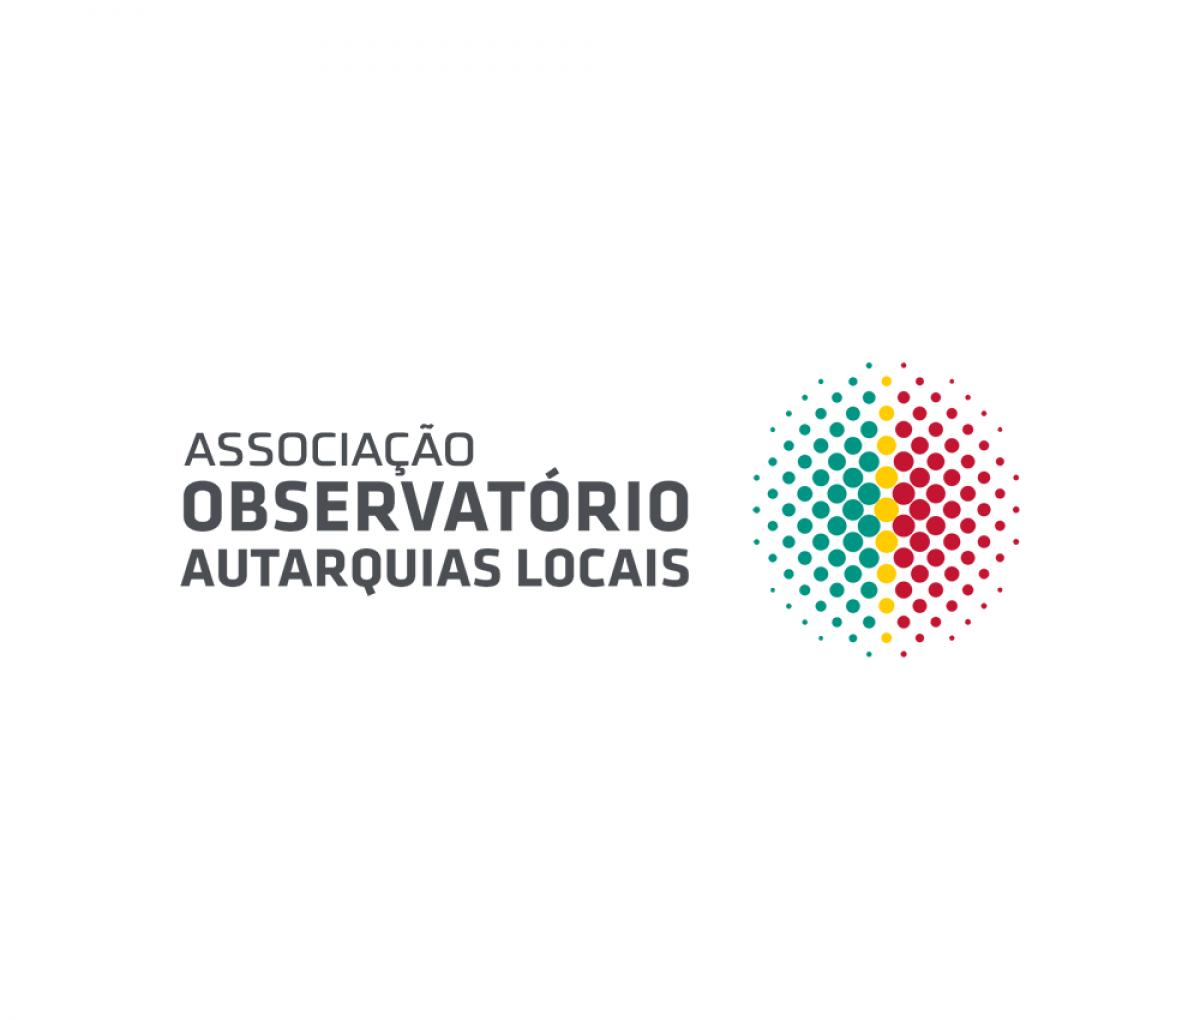 Resumo da Comunicação Semanal - Observatório das Autarquias Locais